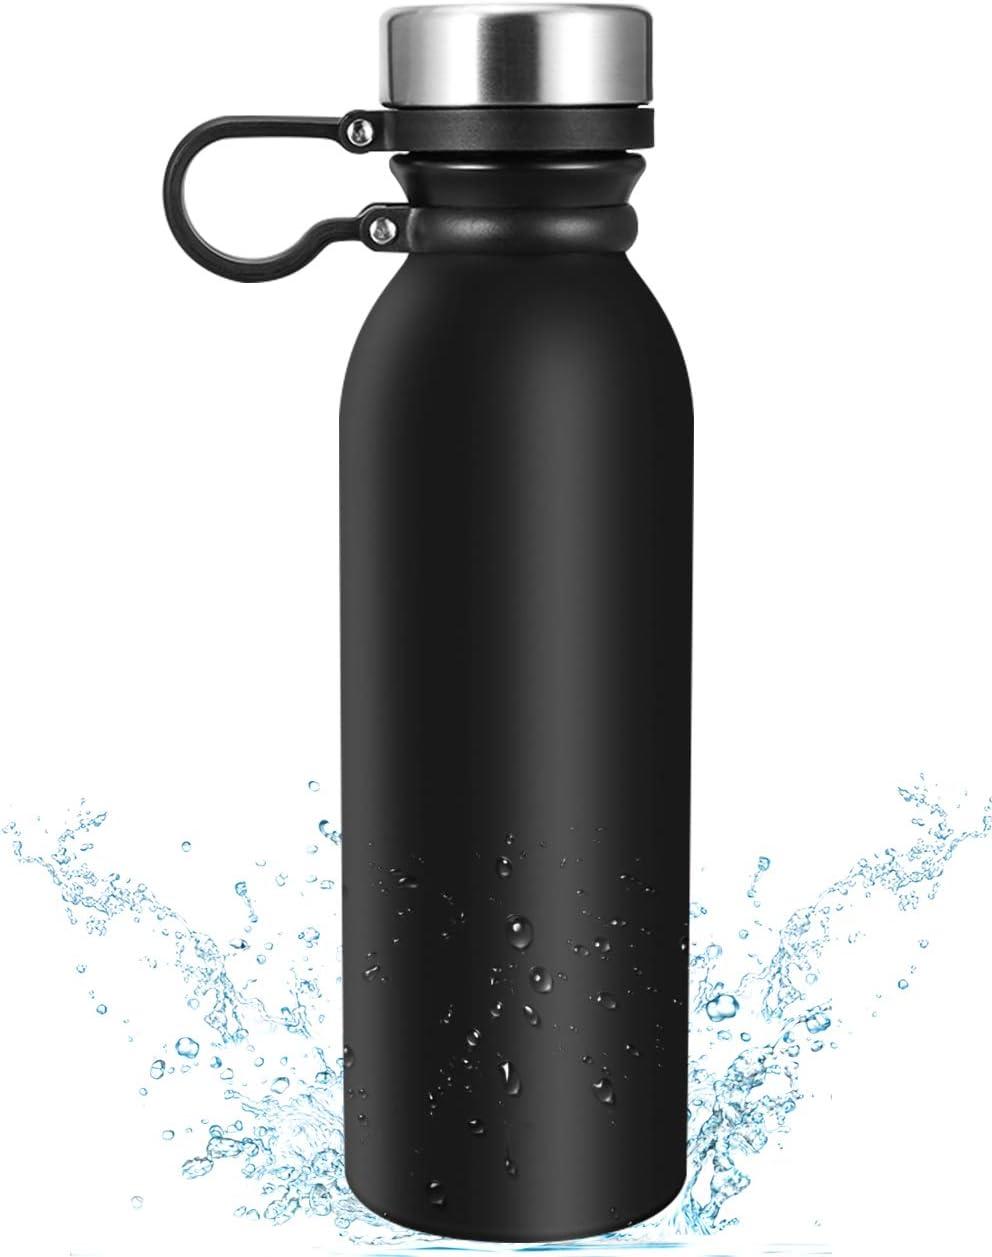 Botella Termica Eccomum 600ML Botella de Agua de Acero Inoxidable 304 Doble Pared Aislada al Vacío, Ligera, Resistencia al Rayado, Fácil de Limpiar, 100% Libre de BPA Antifugas, Frío/Caliente